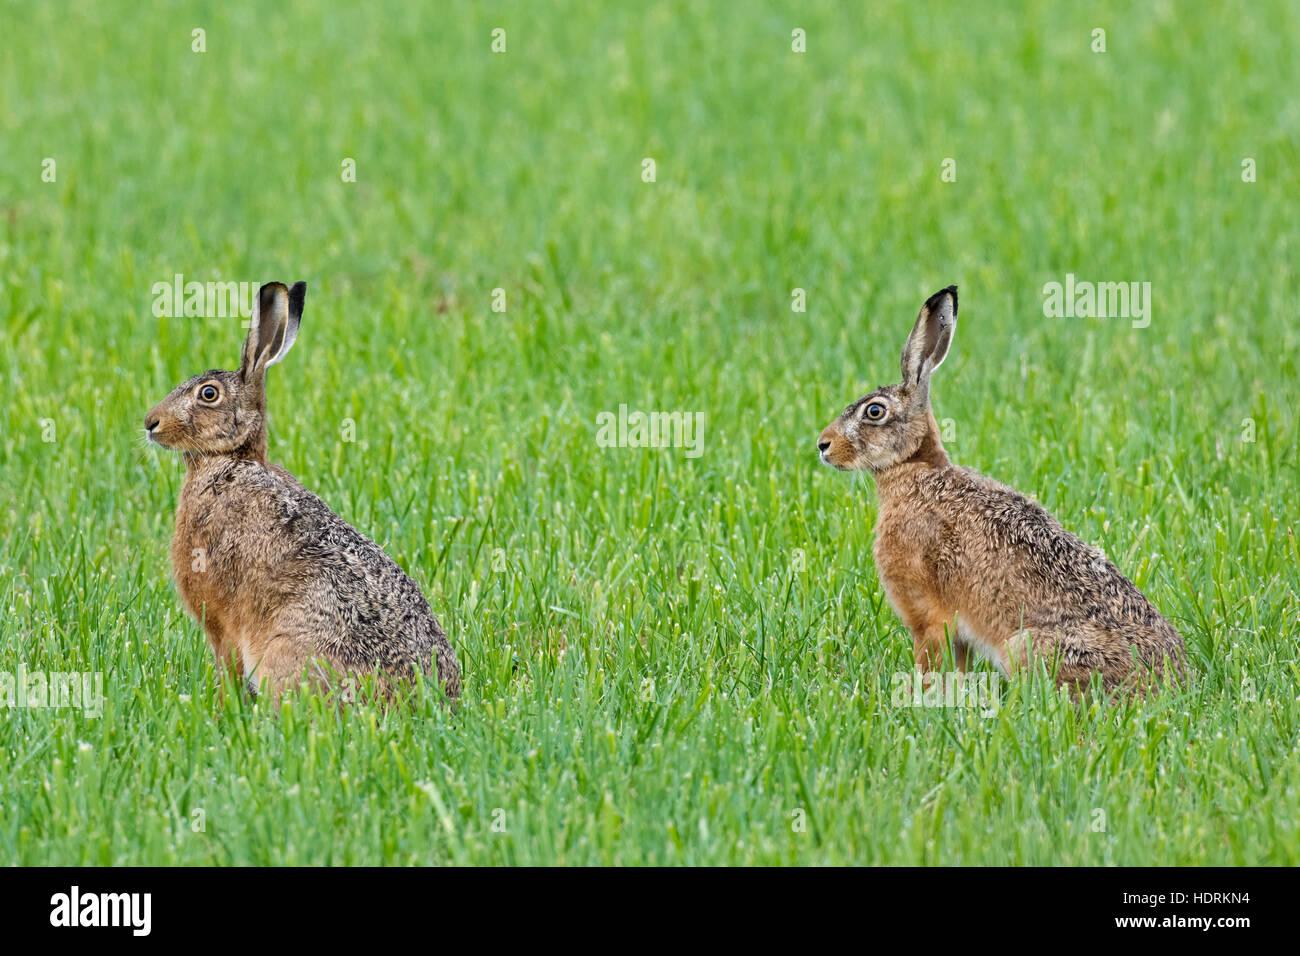 Zwei europäische Feldhasen (Lepus Europaeus) sitzen im Grünland Stockbild